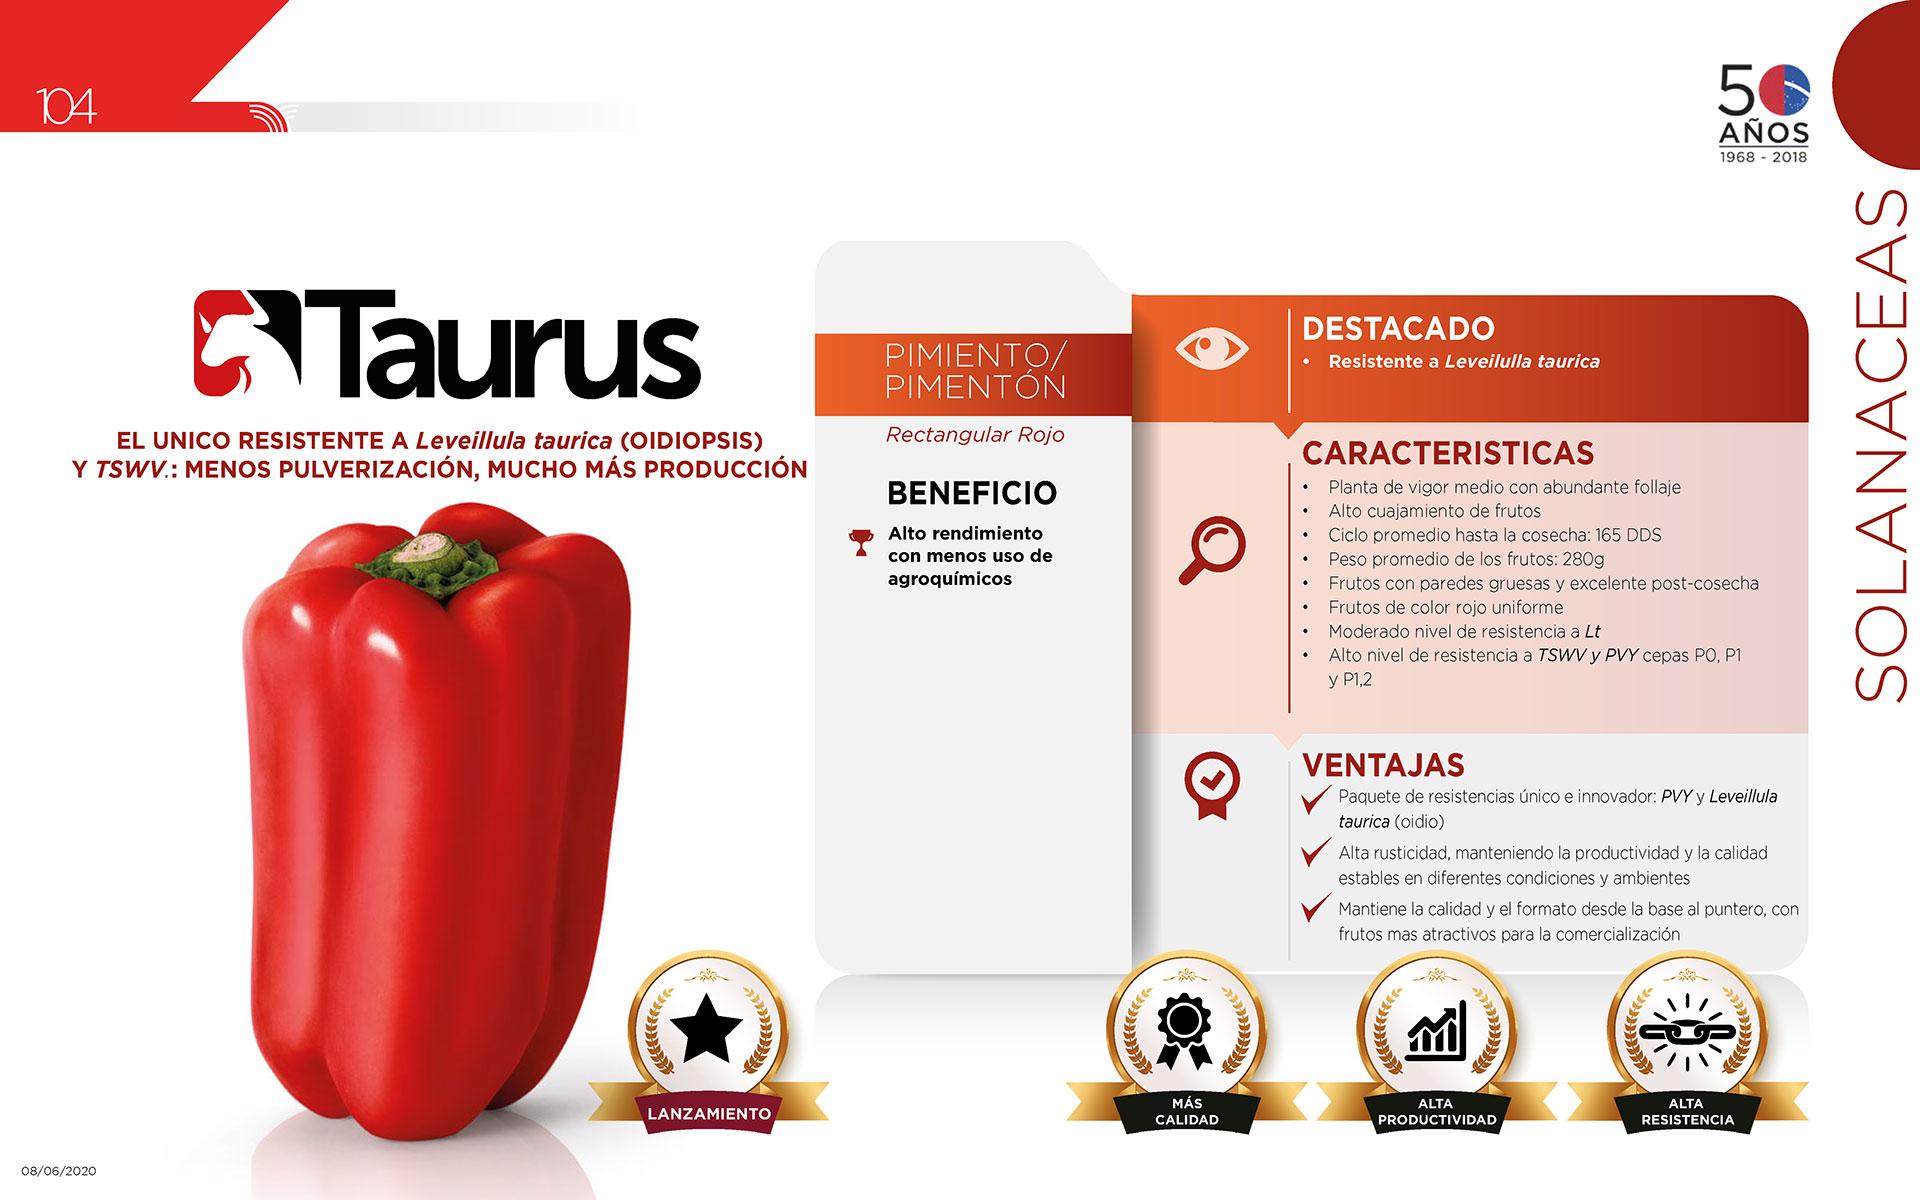 Taurus - Solanaceas